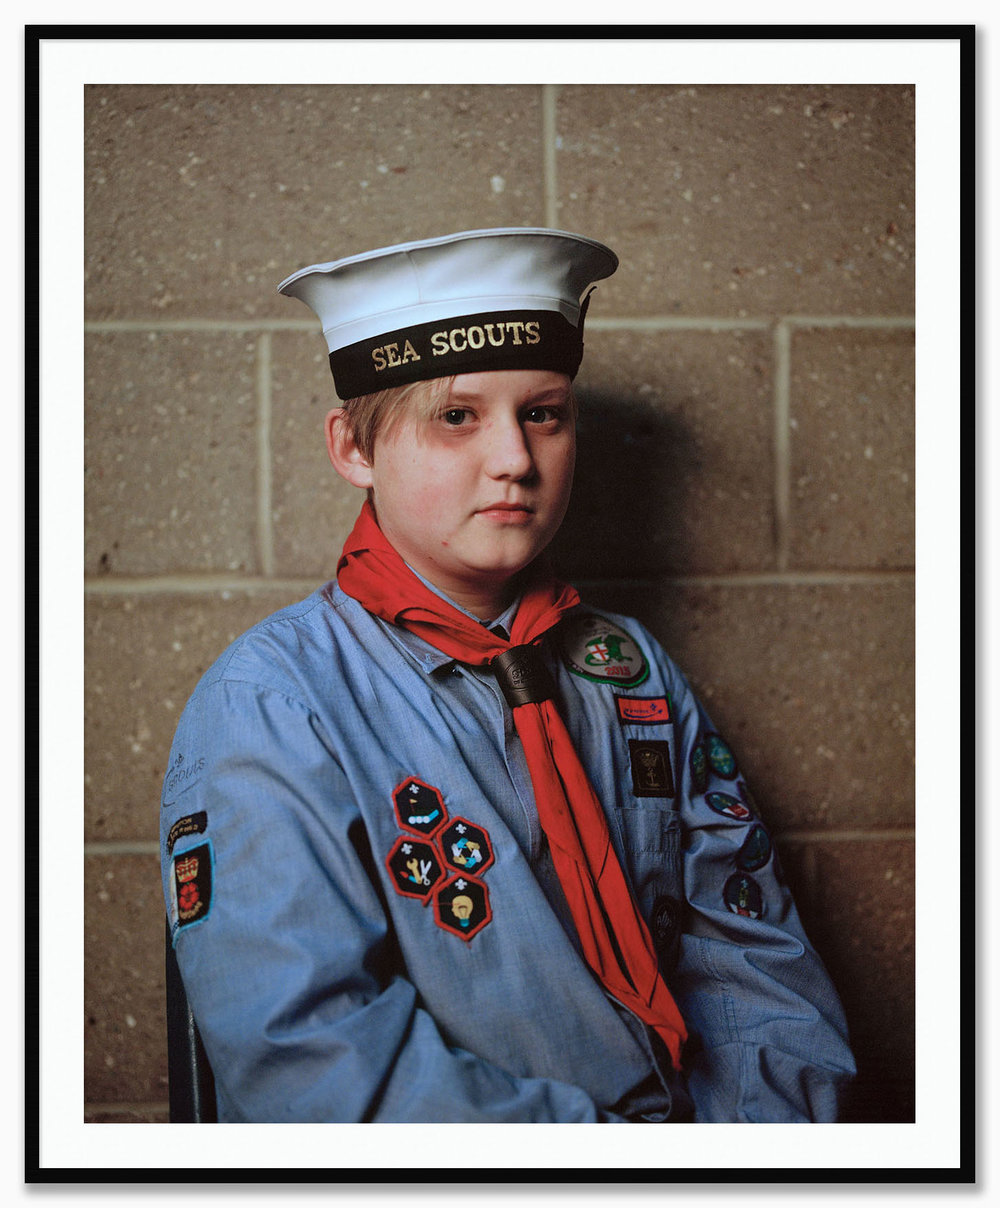 Untitled III. Sea Scout. England. Izzy de Wattripont _Mat_MatteBlack.jpg